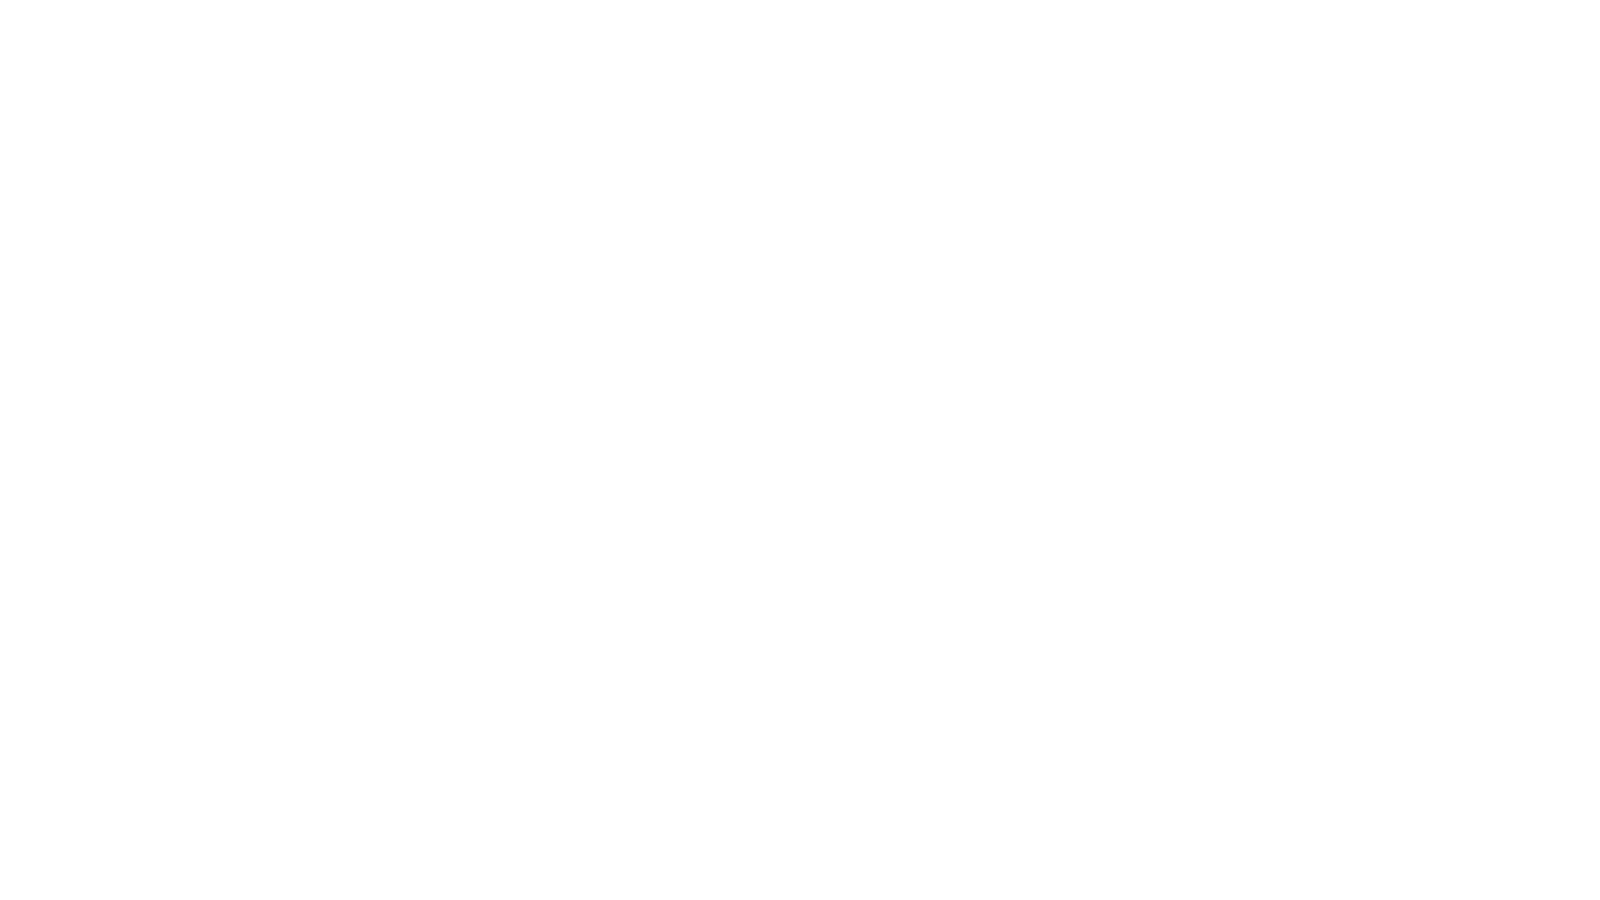 Представляем проект Сургутского колледжа русской культуры им. А.С. Знаменского «Молитвы, канты, марши эпохи Петра I».   В эпоху Петра I большое распространение получили торжества и празднества с применением музыки, что было связано с выдающимися победами русских воинов. Появились светские музыкальные жанры – торжественные псалмы и виватные канты, прославлявшие царя, но не нарушавшие церковной традиции и напоминавшие о знаменном пении. Поскольку в эпоху Петра I Россия много и успешно воевала, то большое значение приобрела музыка маршей: наиболее торжественные марши создавались по случаю побед и воспринимались как гимны.   В программе «Молитвы, канты, марши эпохи Петра I» прозвучат хоровые, инструментальные, поэтические сочинения в исполнении творческих коллективов, учеников и преподавателей Сургутского колледжа русской культуры, среди которых:  – хор мальчиков и юношей Сургутского колледжа русской культуры им. А.С. Знаменского, руководитель – Э. Мусин, хормейстер – И. Фоминых;  – ансамбль юношей Сургутского колледжа русской культуры им. А.С., руководитель – А. Гарифьянова;  – оркестр духовых инструментов  «Аккорд», художественный руководитель – Д. Мачнев, дирижер – Т. Пасларь;  – вокальный ансамбль «Ангельский собор», руководитель – И. Абовян;  – хор мальчиков Сургутского колледжа русской культуры им. А.С. Знаменского, руководители – И. Фоминых и Н. Румбина;  – Гарри Суппес (художественное слово);